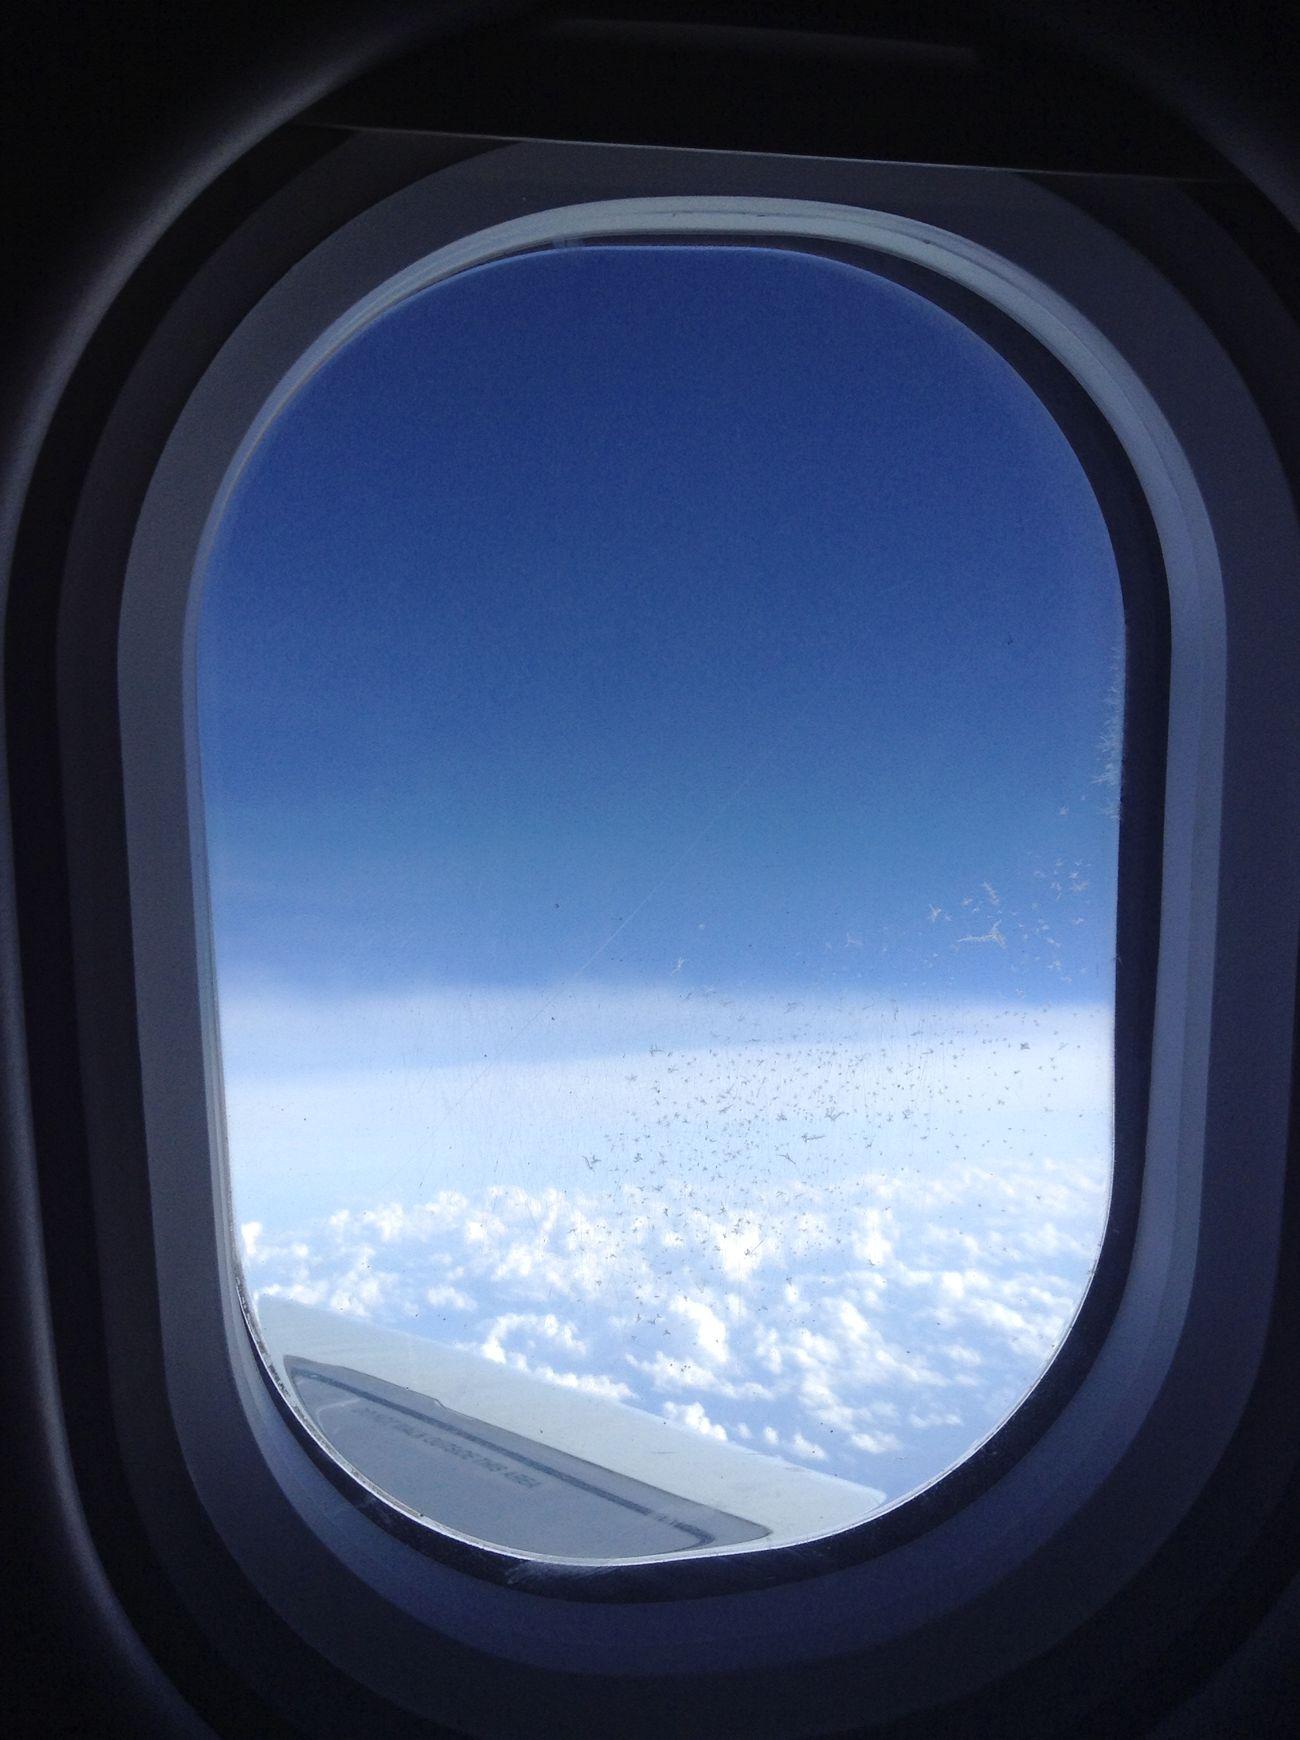 La vie nous réserve bien des choses. Et sachez que vous devez les decouvrire, car elles ne viendrons pas à vous d'elles même. Vivez, voyager, apprenez, essayer, avancer. Faites tout en votre possible pour decouvrire les mystères de la vie, car ce serons vos plus beaux souvenir, vos plus belles expériences, et surtout, votre plus grande réussite. Avancer, et réaliser vos rêves. Hello World Enjoying Life Traveling France Allemagne Belfort FIMU Music Sky Quebec